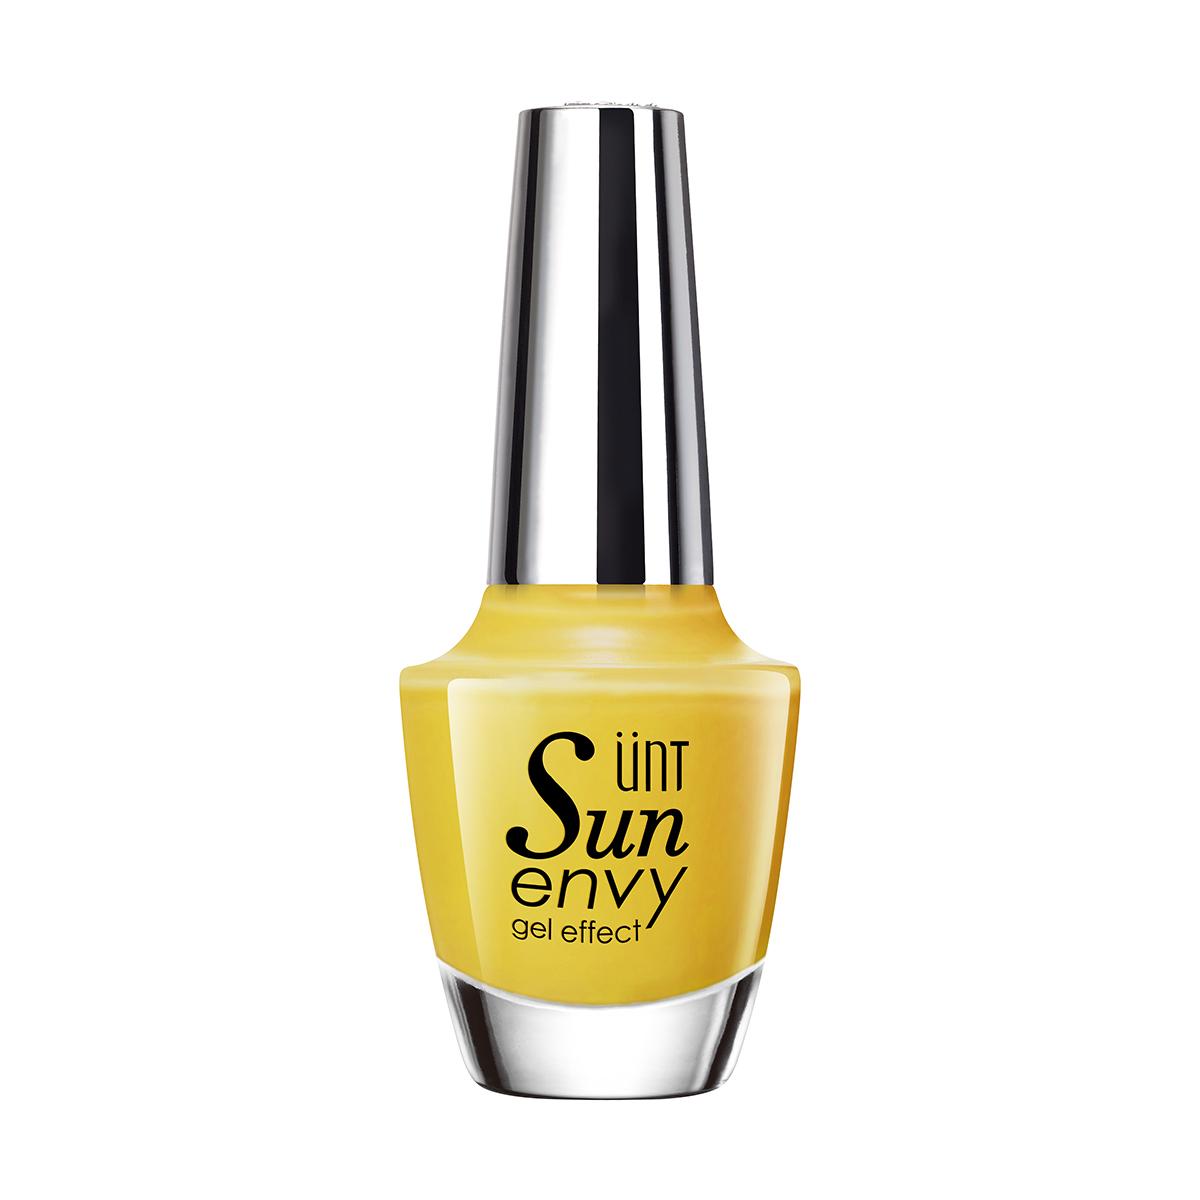 太陽感-光指彩釉 - -面維納斯 - 66142